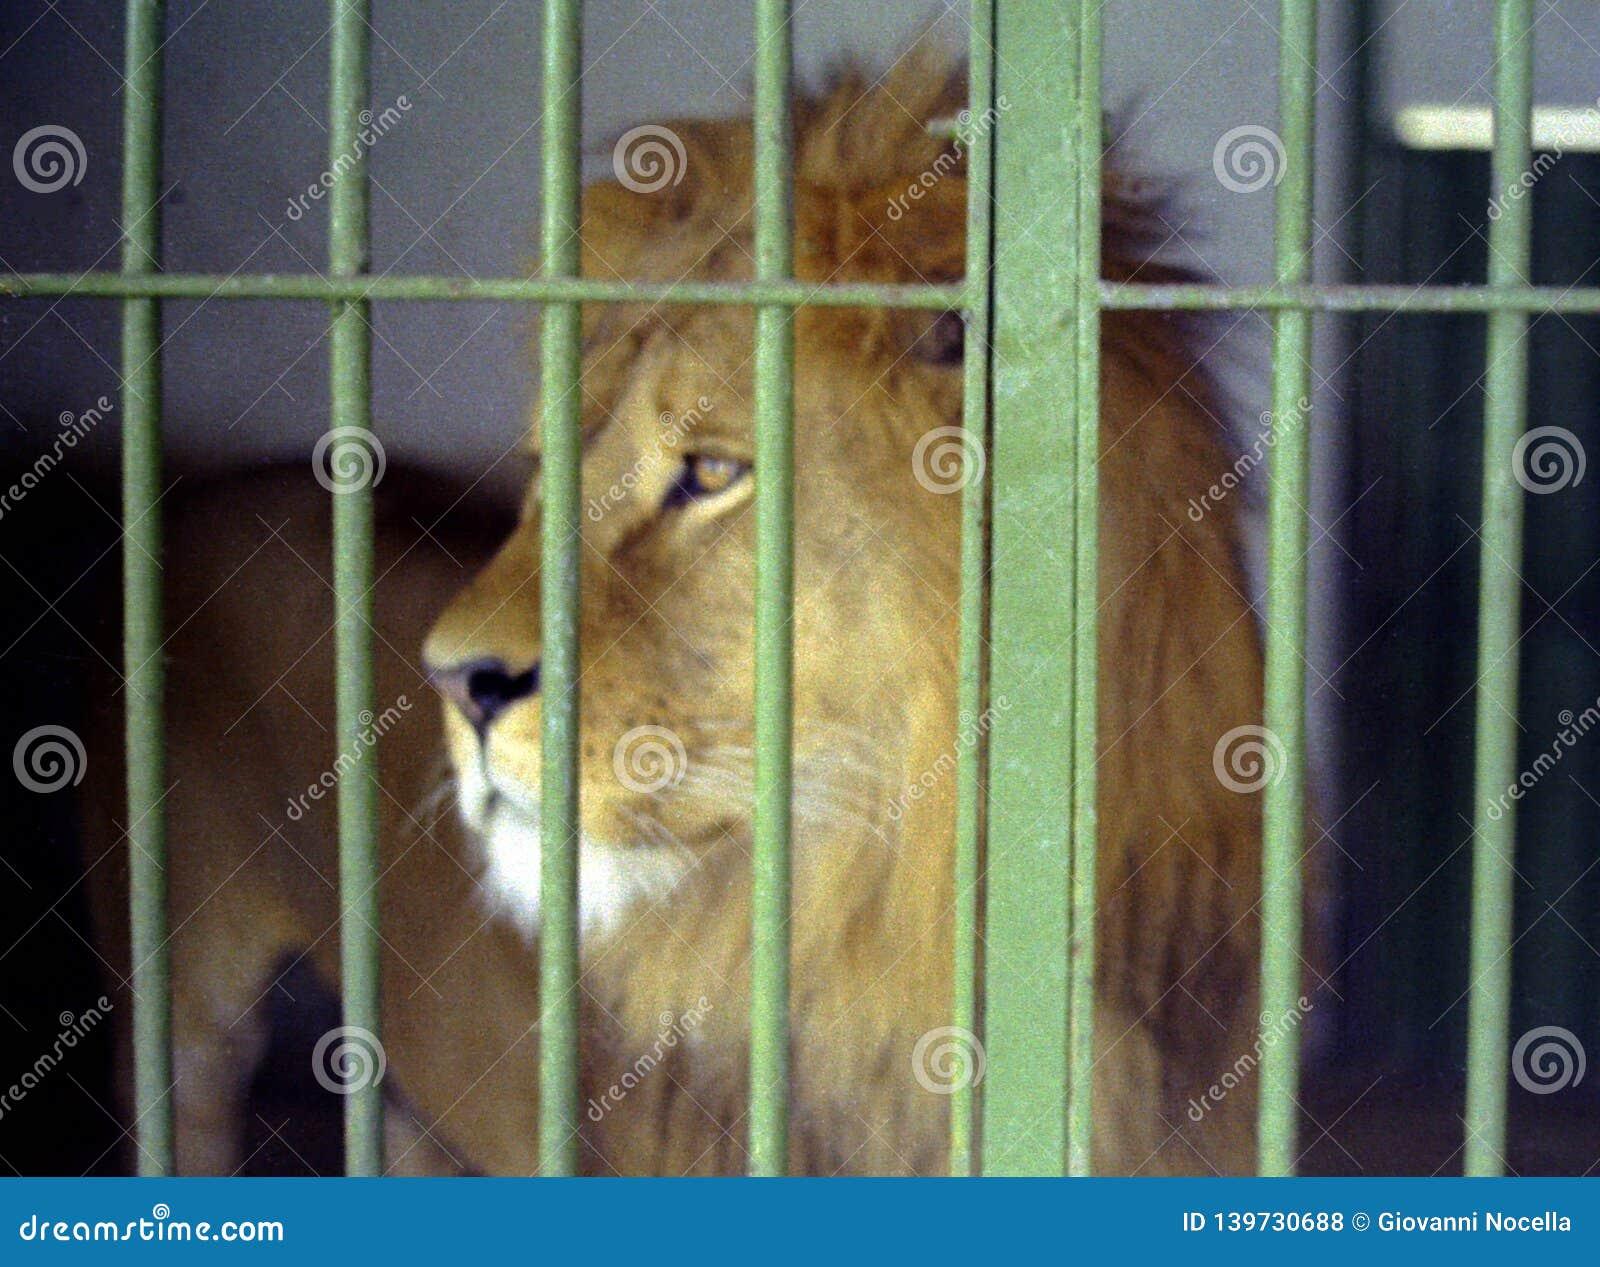 NAPLES, ITALIE, 1960 - de beaux et jeunes regards de lion au-dessus des barres de sa cage dans le zoo de Naples à la recherche de